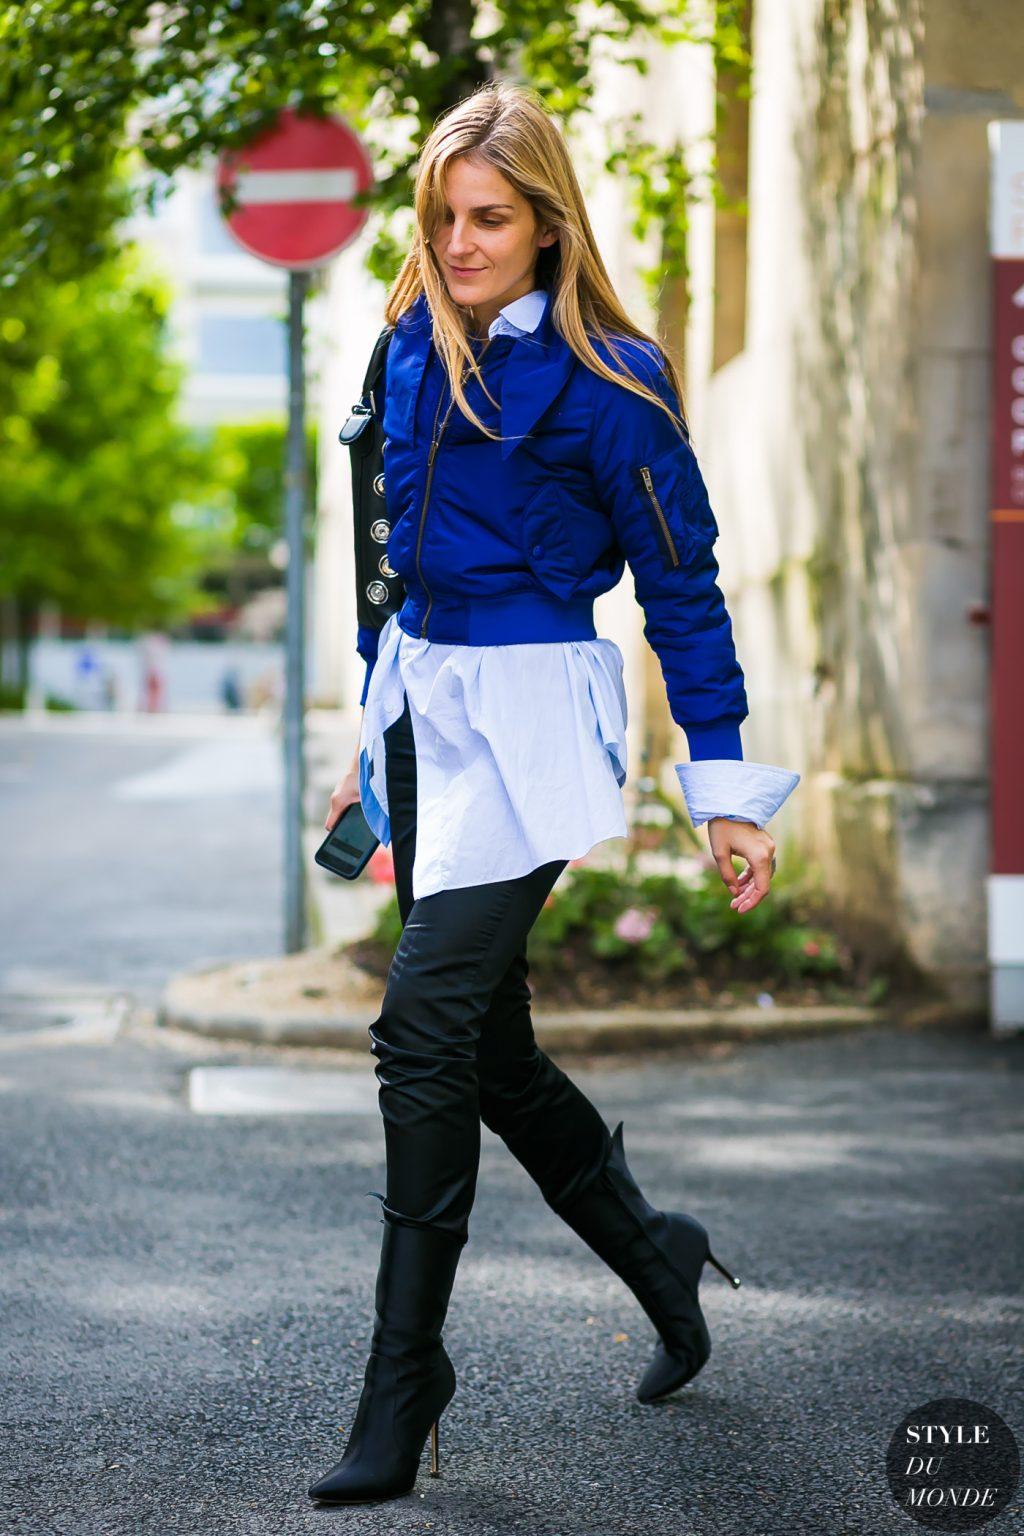 cô gái mặc áo sơ mi dáng dài và áo khoác bomber xanh cobalt